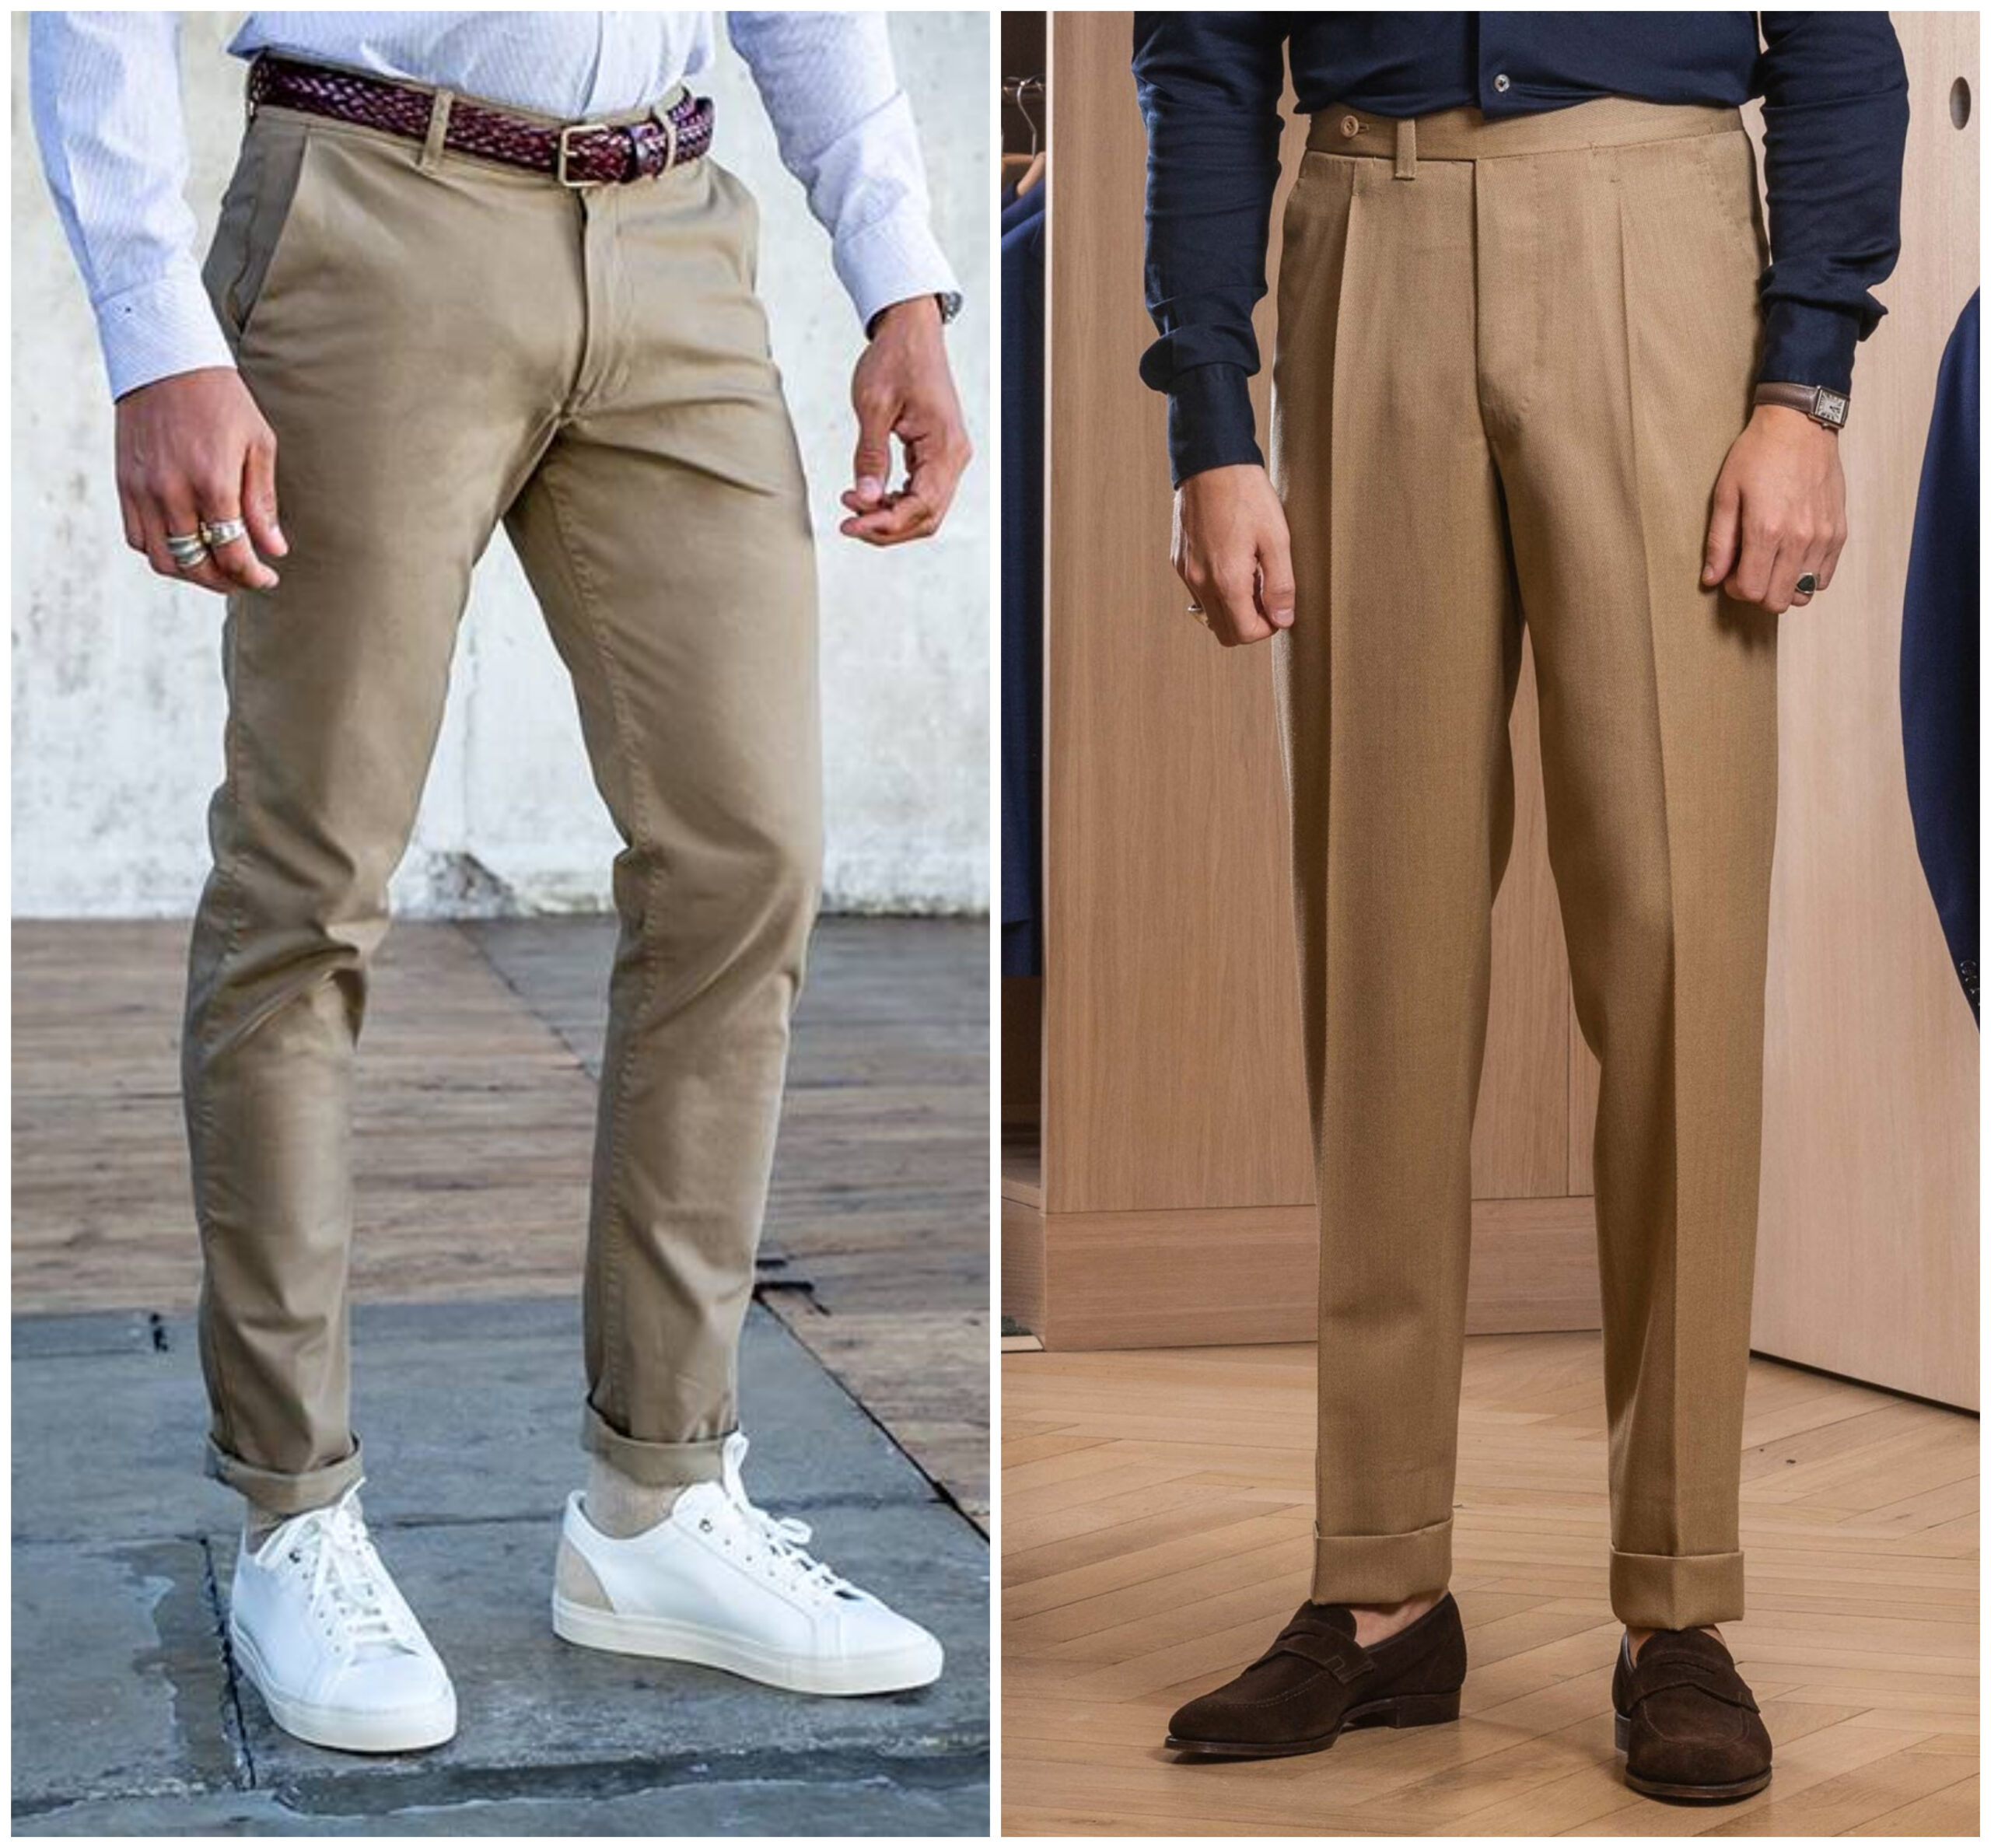 """À droite, ce que nous entendons par """"un pantalon qui vous va"""", à gauche, de quoi jardiner le dimanche. Pour en savoir plus, nous vous invitons à lire les articles suivants :  <a href=""""https://www.sartorialisme.com/la-bonne-coupe-episode-2/""""> La Bonne Coupe 2, sur la hauteur du pantalon (résumé : les tailles basses, c'est de la merde !)</a> <a href=""""https://www.sartorialisme.com/la-bonne-coupe-episode-3/""""> La Bonne Coupe 3, sur le tombé du pantalon, c'est à dire l'allure générale que prend le tissu : sa forme, son amplitude, ses plis et sa longueur.</a>"""